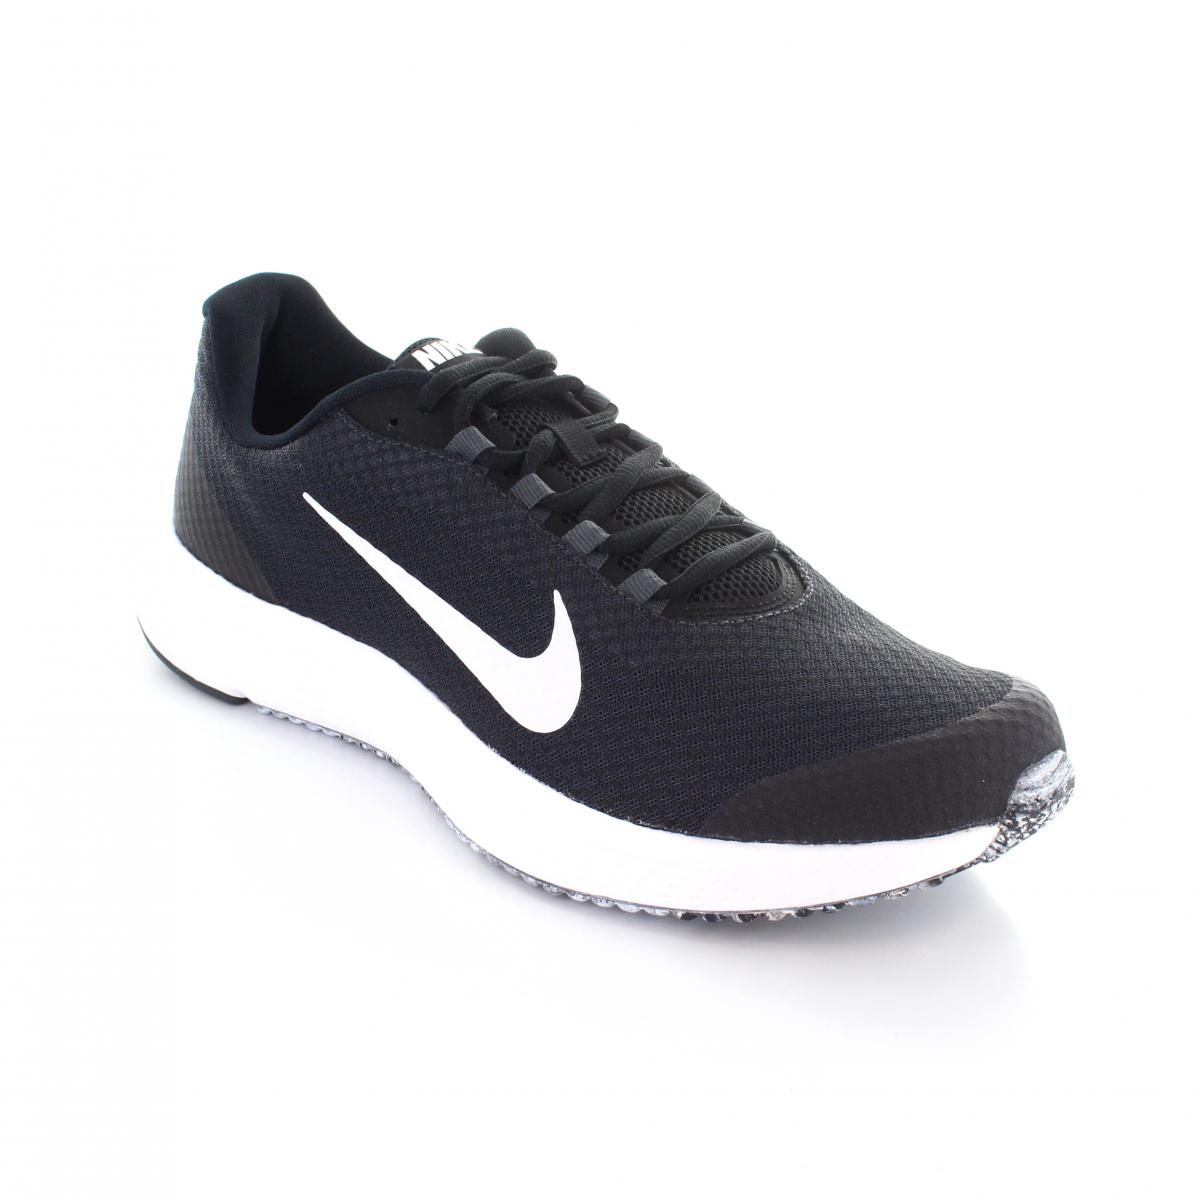 Tenis marca Color Nike modelo 898464 019 Color marca Negro 3ca716